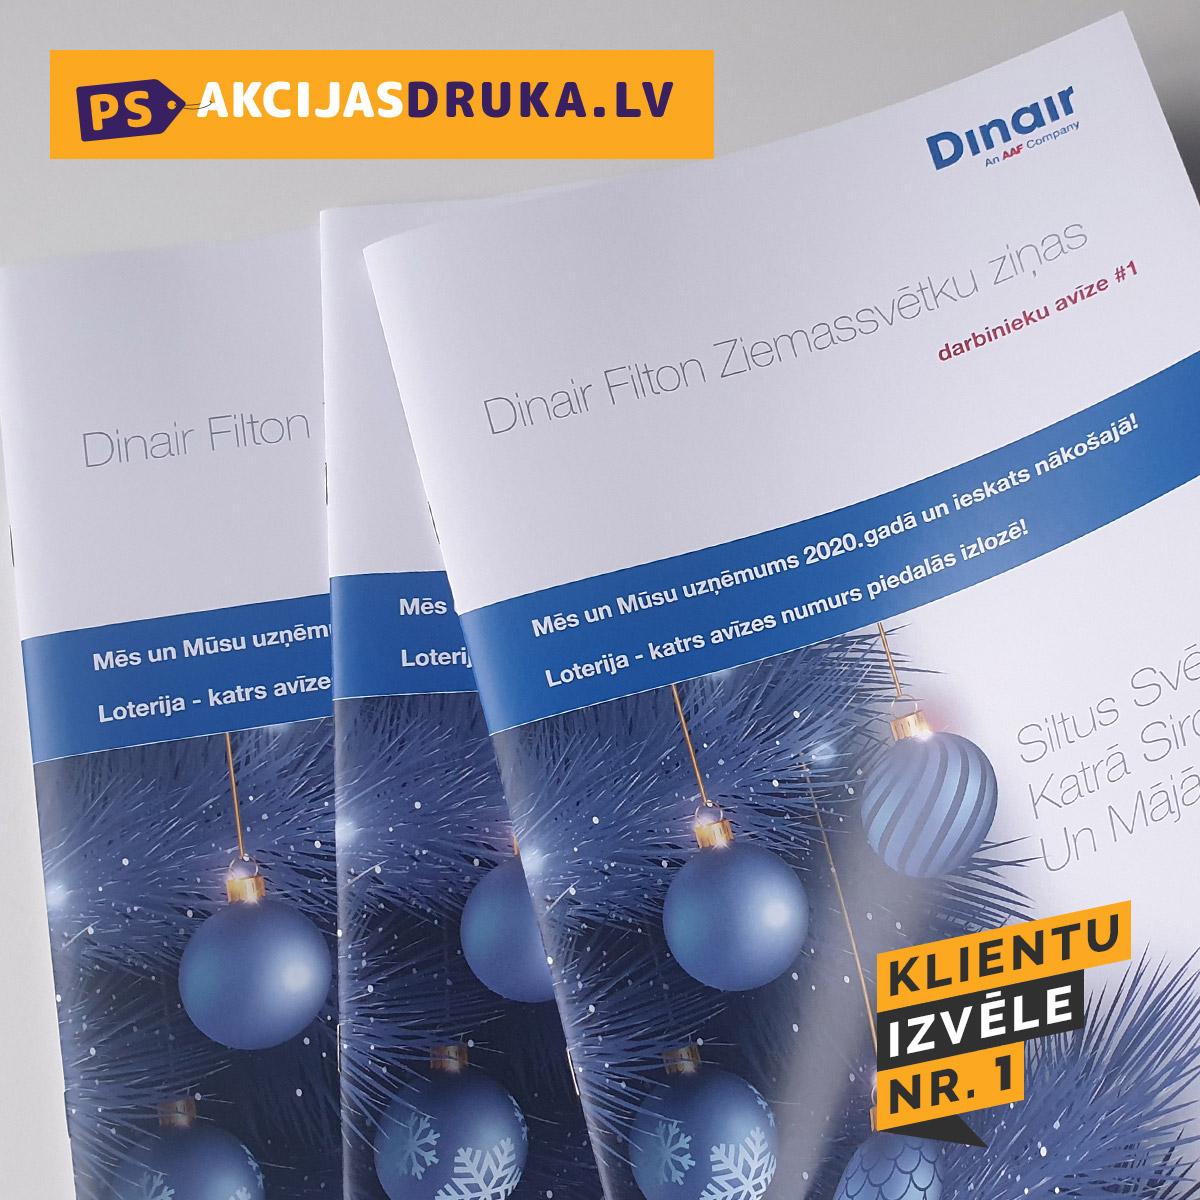 Brošūras druka un brošūras dizains